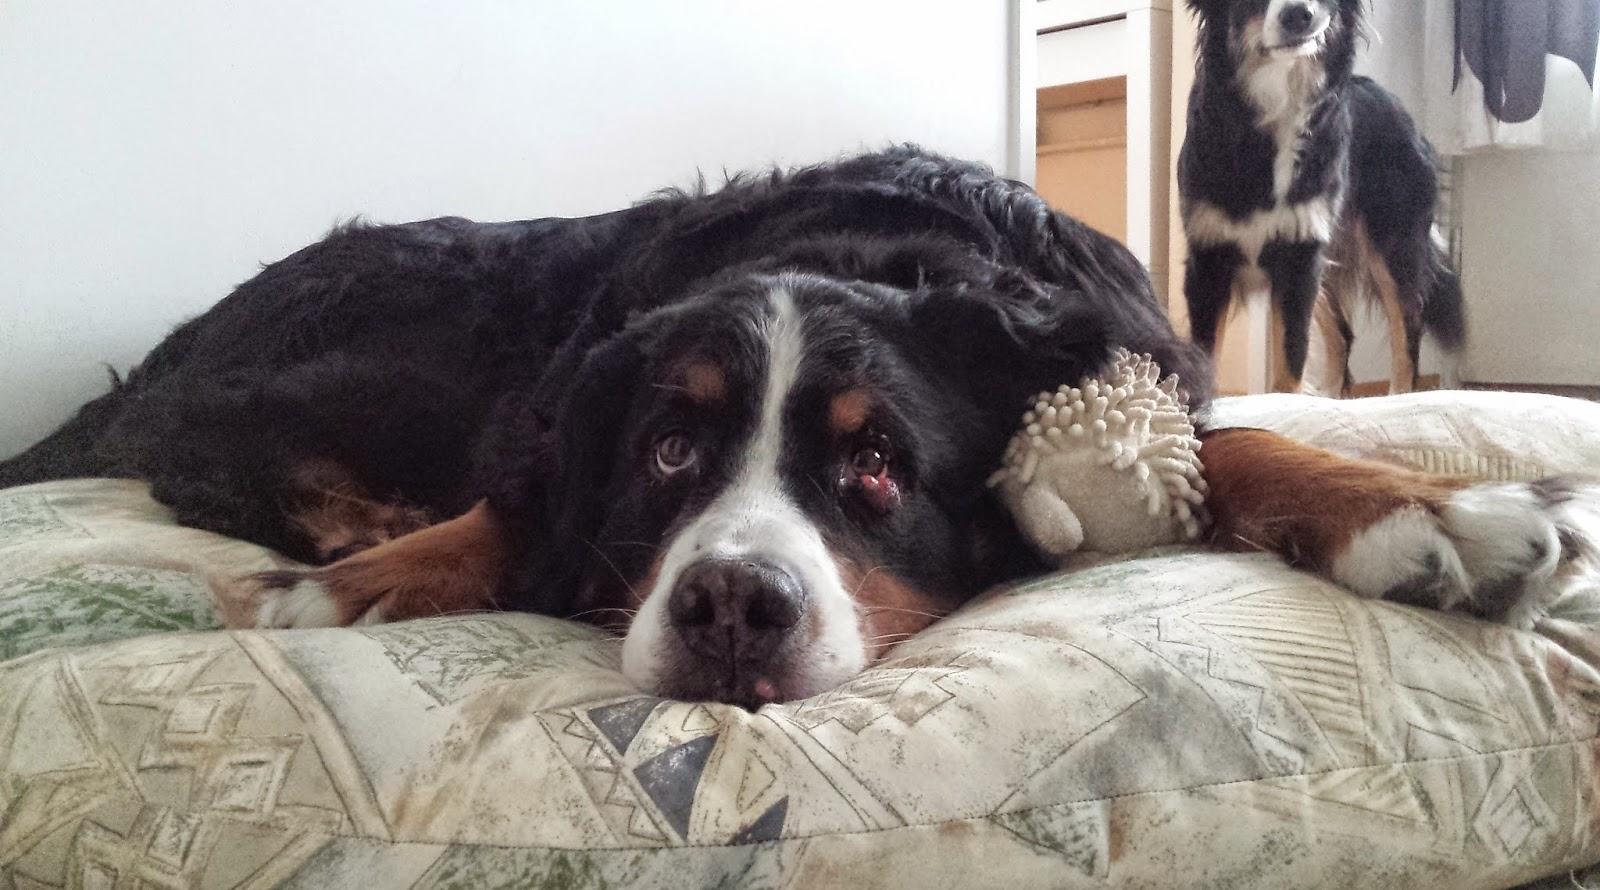 ampiaisen pisto koiran silmään